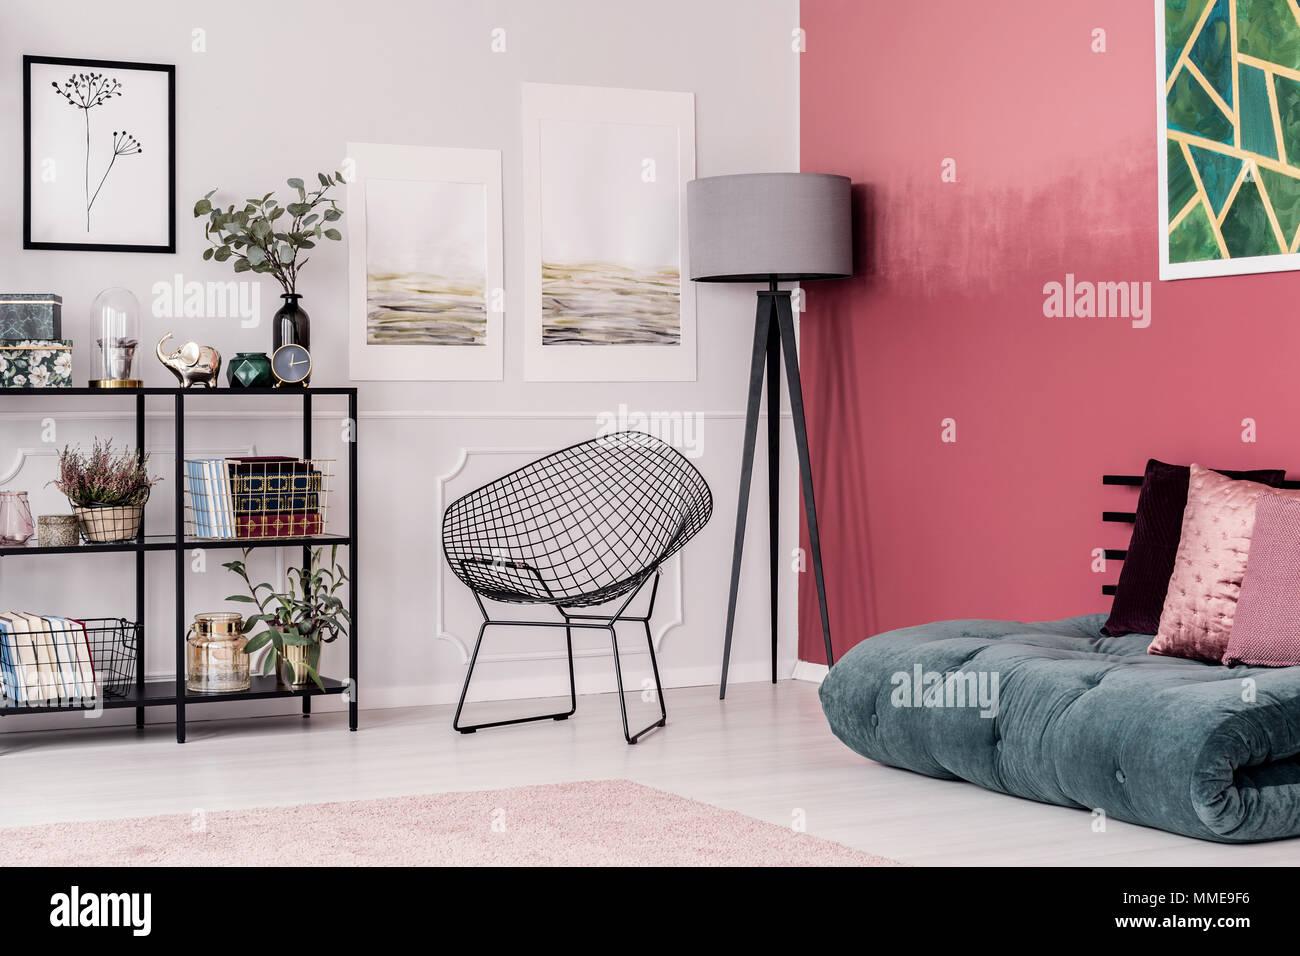 Ecke Ein Elegantes Zimmer Mit Grau Und Schwarz Lampe Grün Futon Und